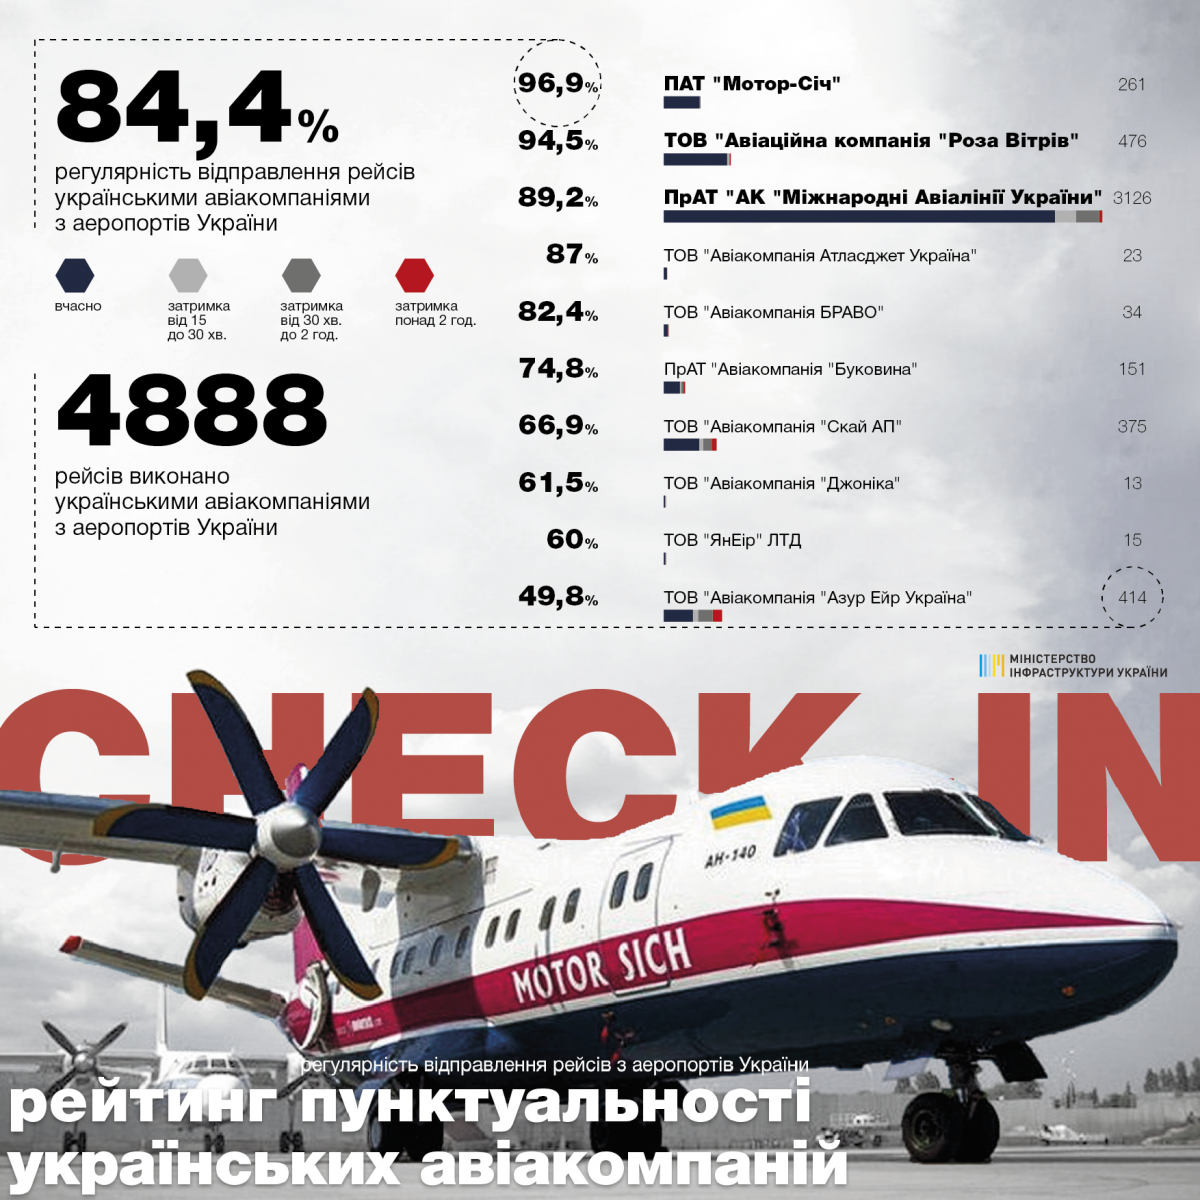 Авиарейсы в мае 2019: инфографика Мининфраструктуры